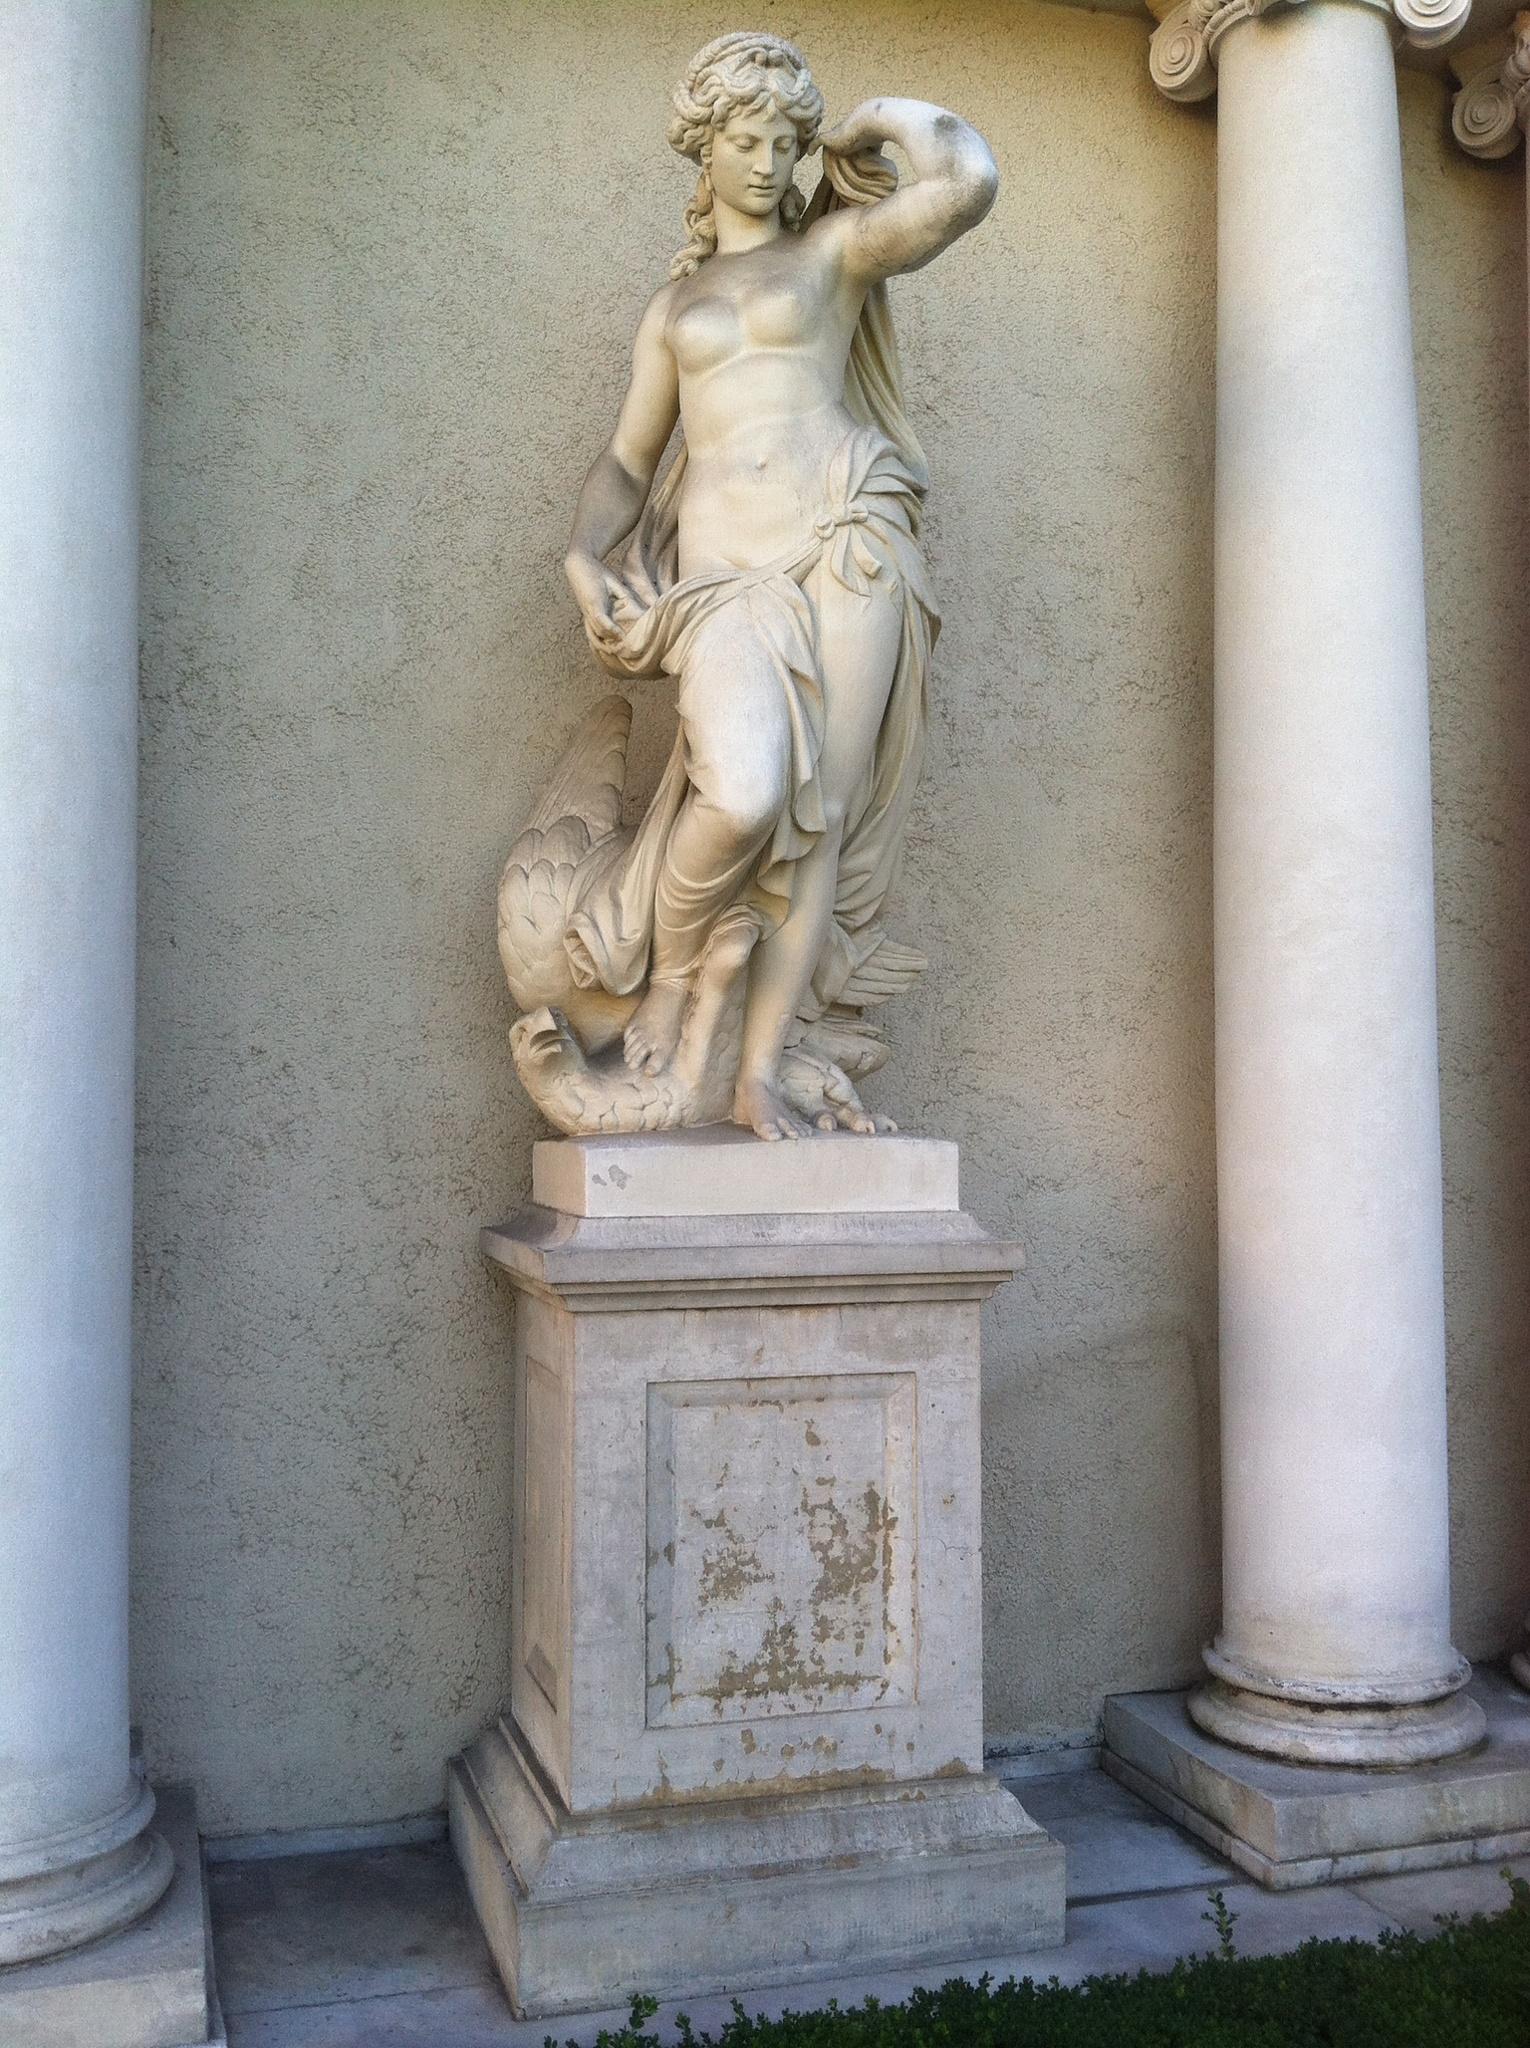 Statue Figure by Carlos Escamilla